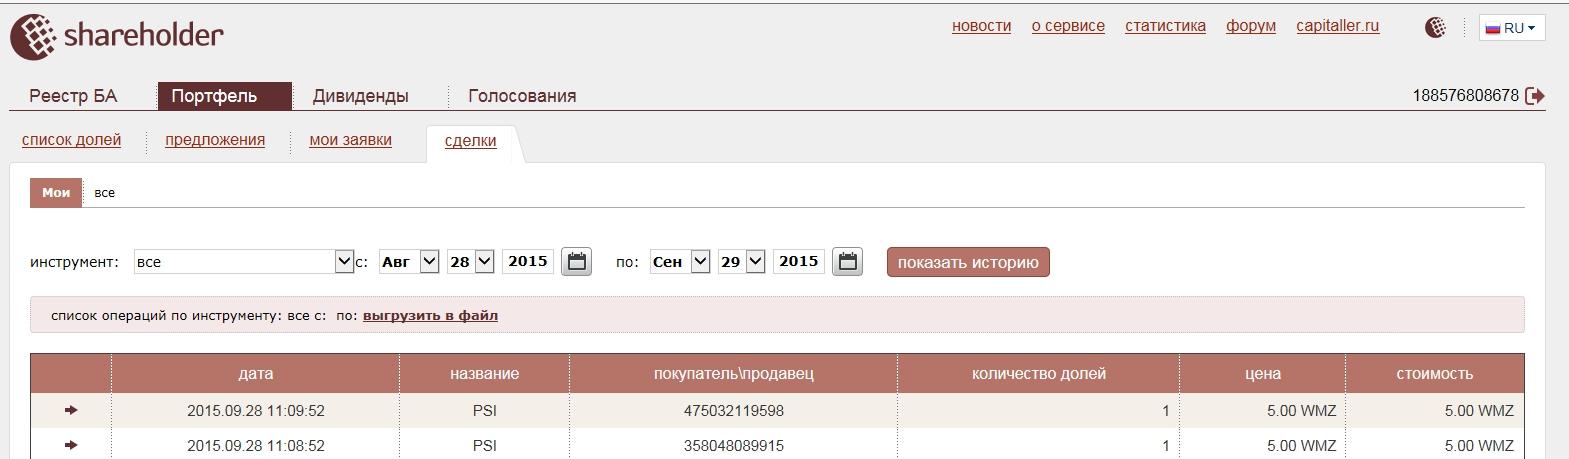 Отчеты о выкупе долей администрацией по 5 WMZ - 28-09-2015 11-18-01.jpg